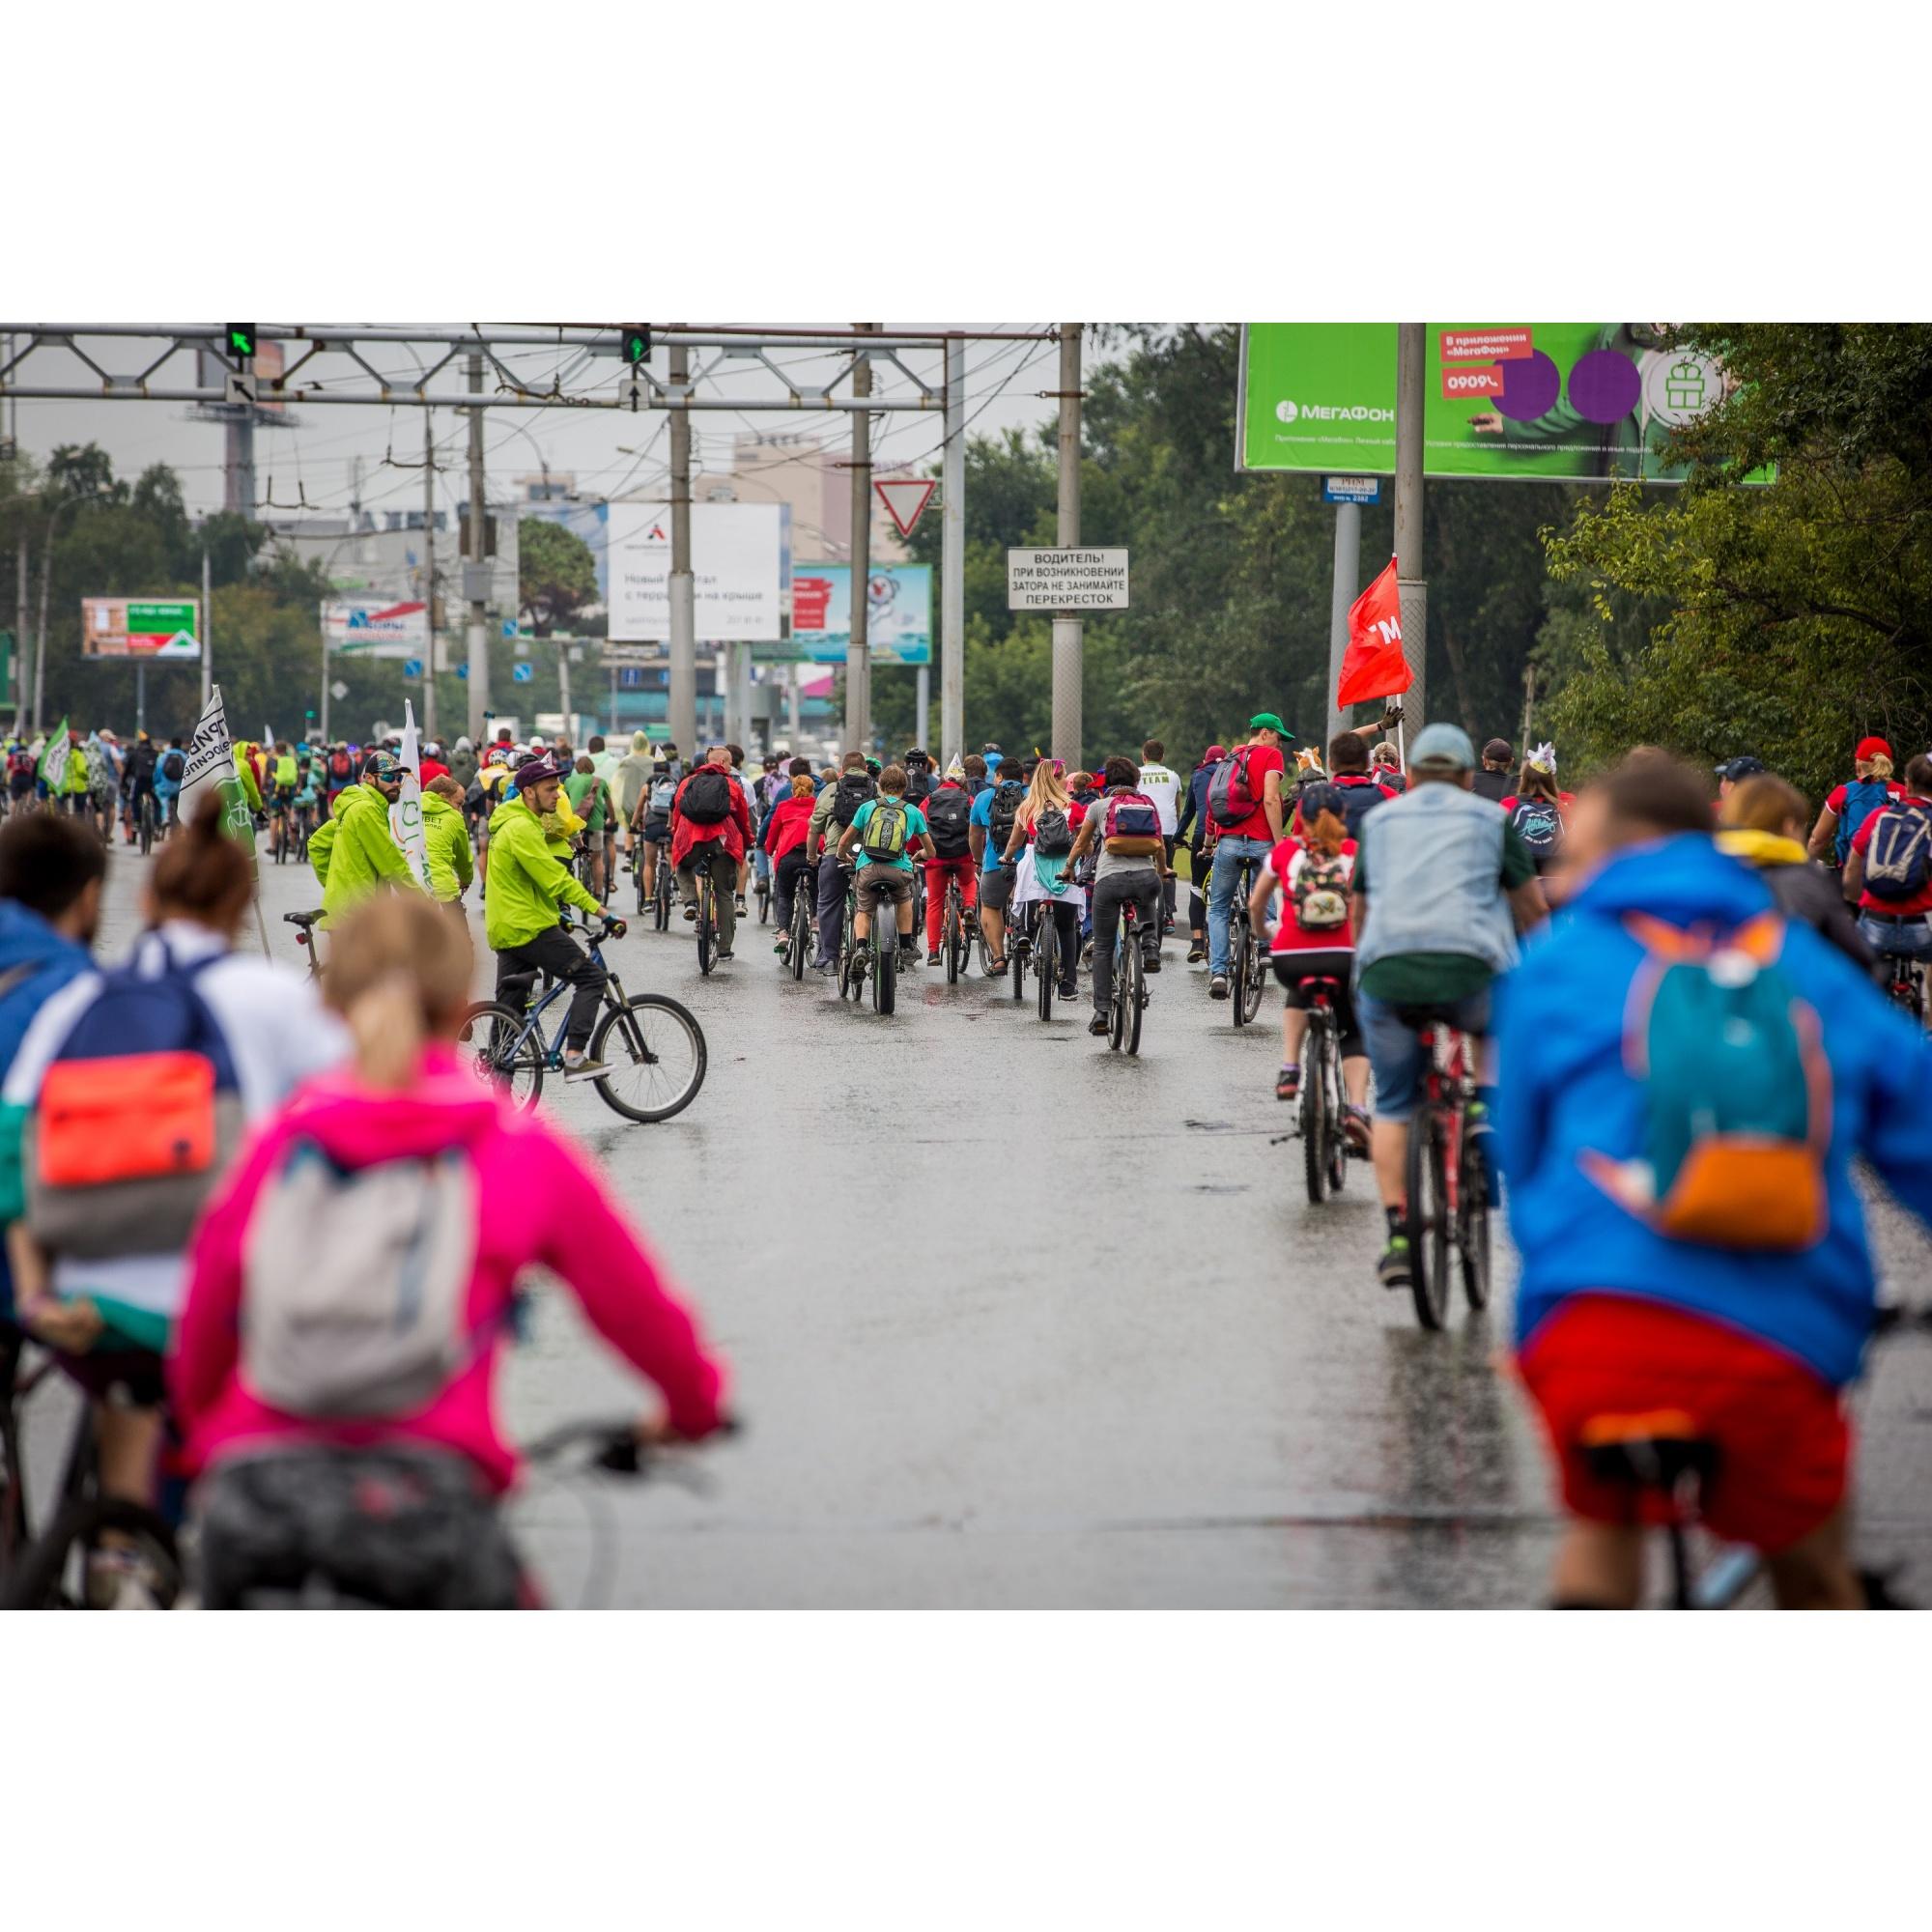 Из-за велопробега на дорогах образовались небольшие пробки